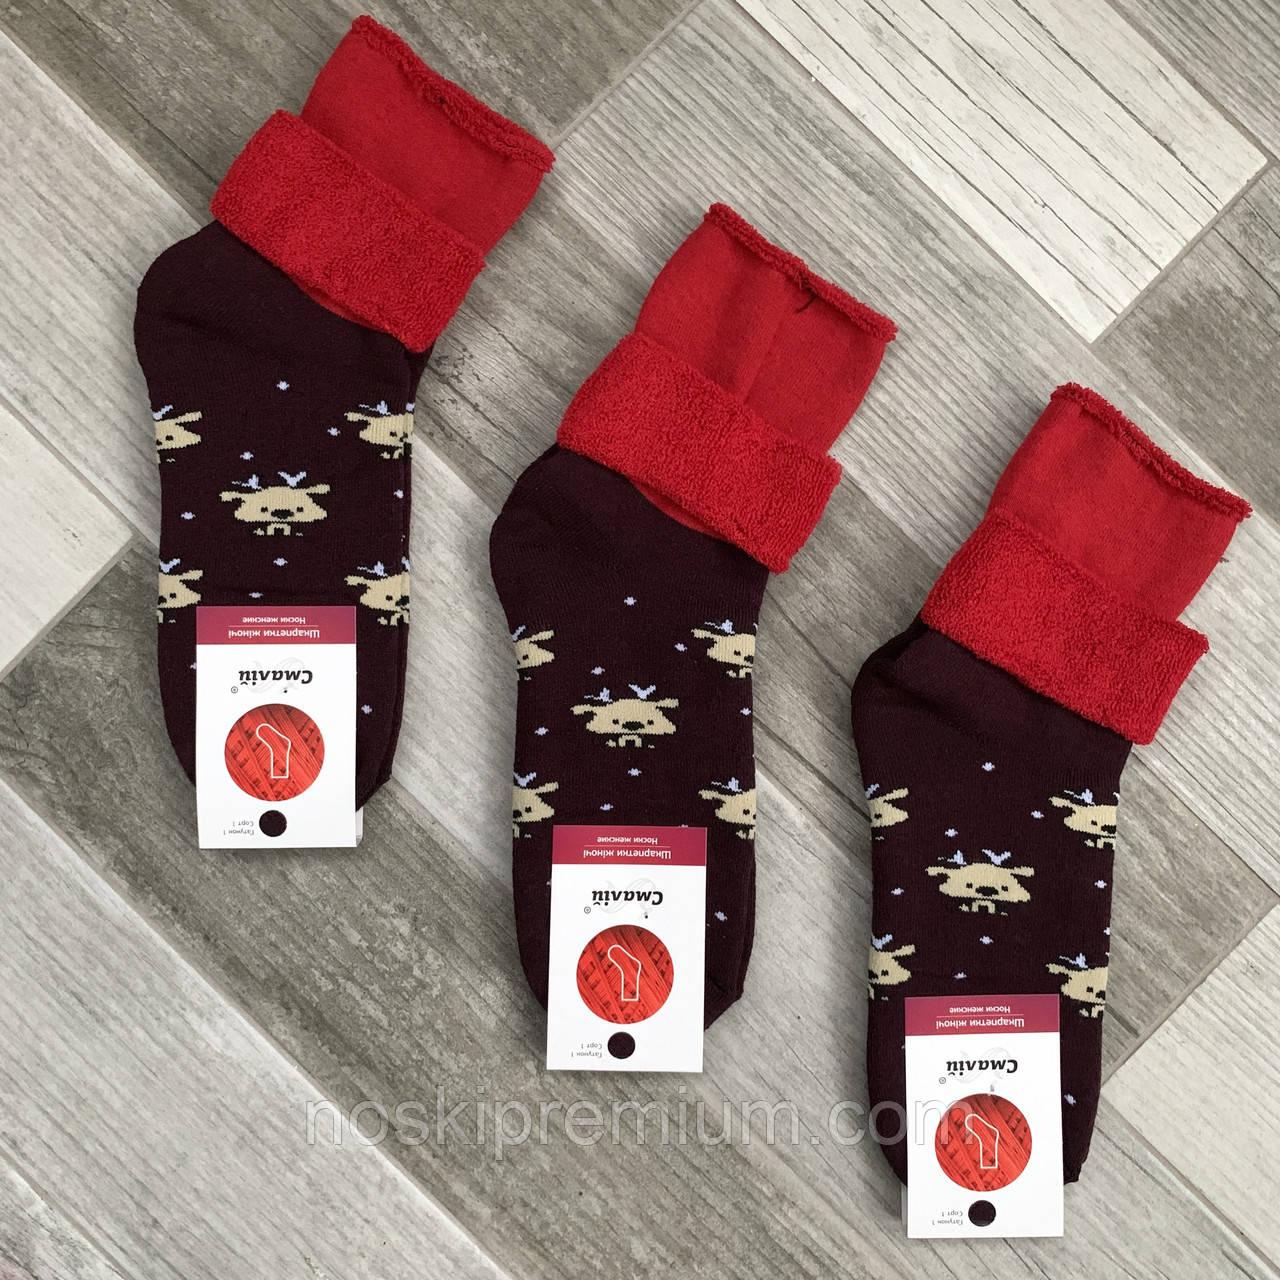 Носки женские махровые х/б без резинки с отворотом Смалий, рисунок 76 бордово-красные, 035022